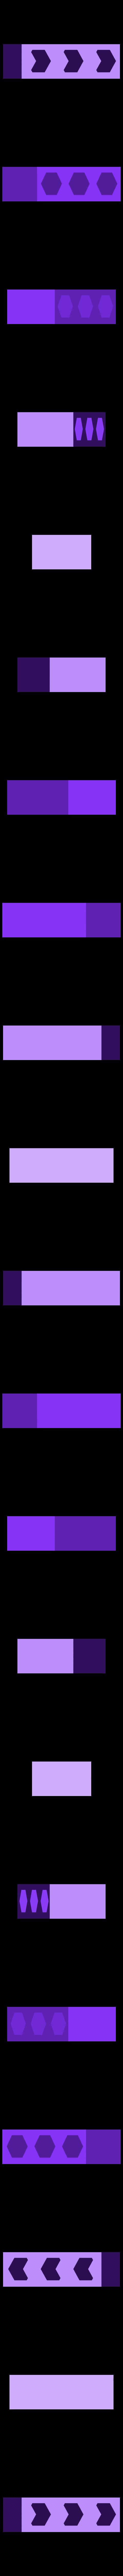 embouts_PZ.stl Télécharger fichier STL gratuit Embout de vissage • Design à imprimer en 3D, titi01